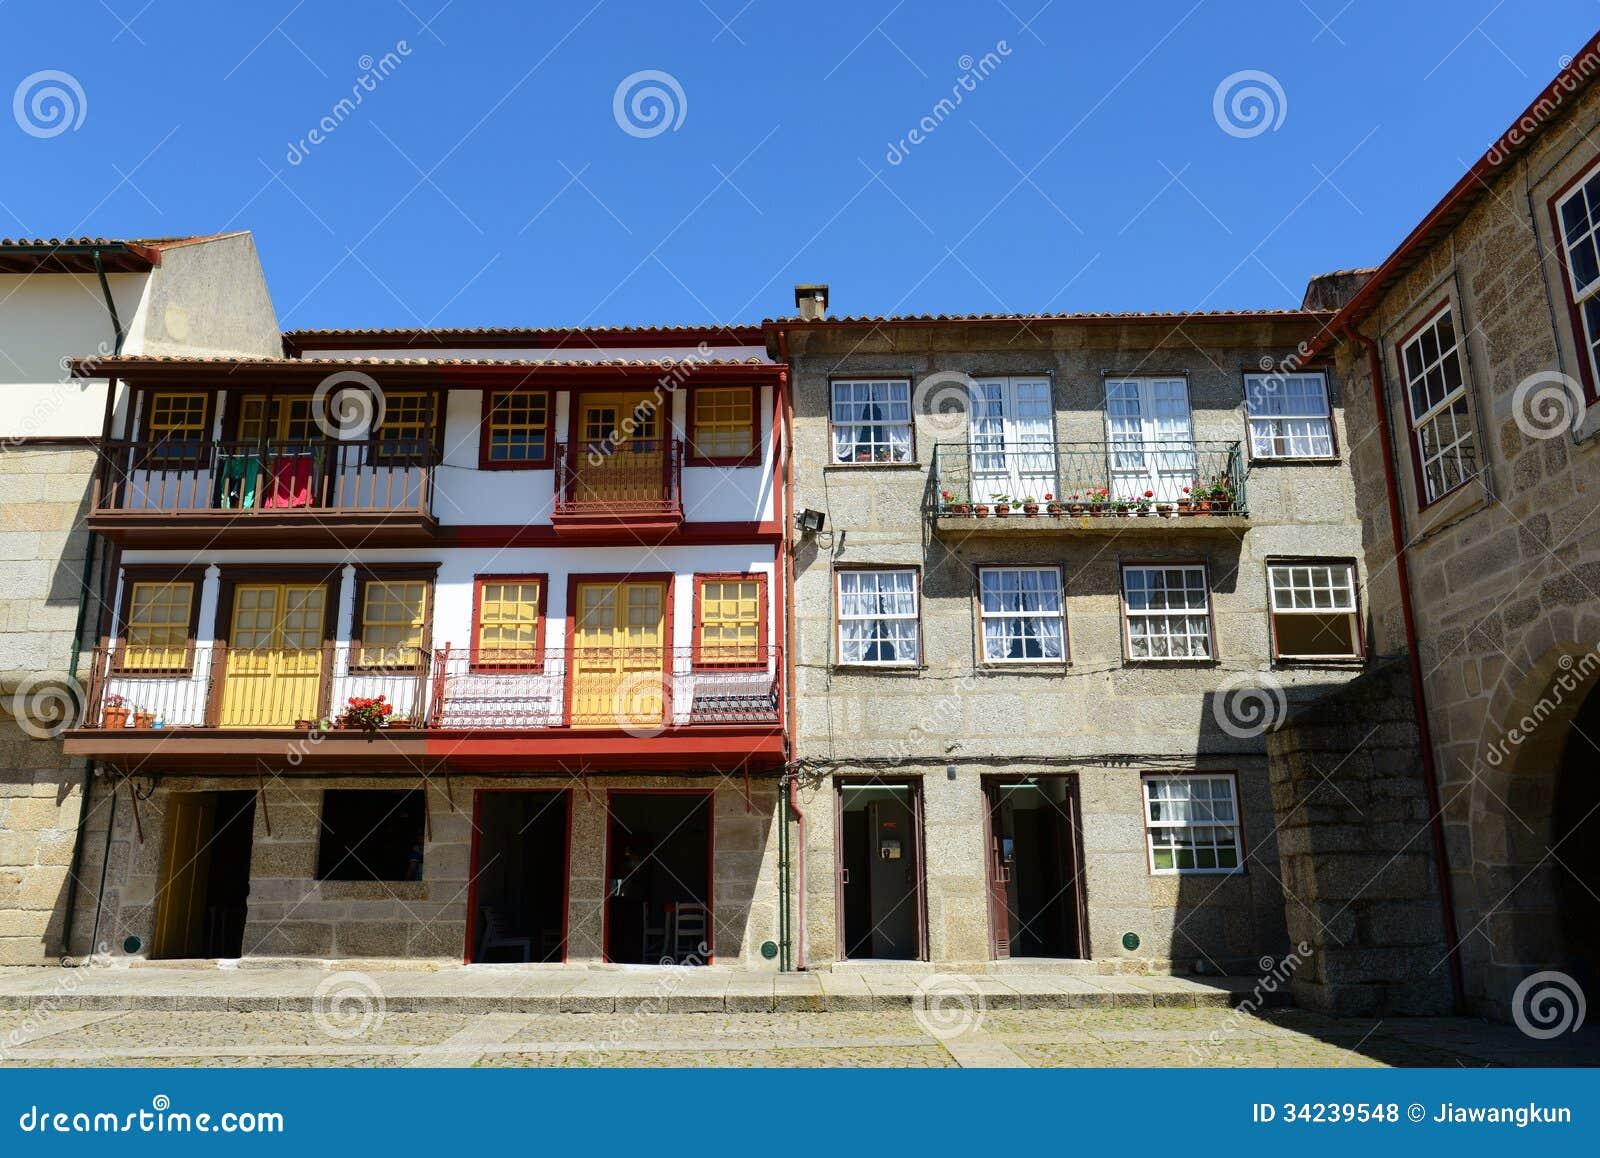 Centro storico di Guimarães, Portogallo